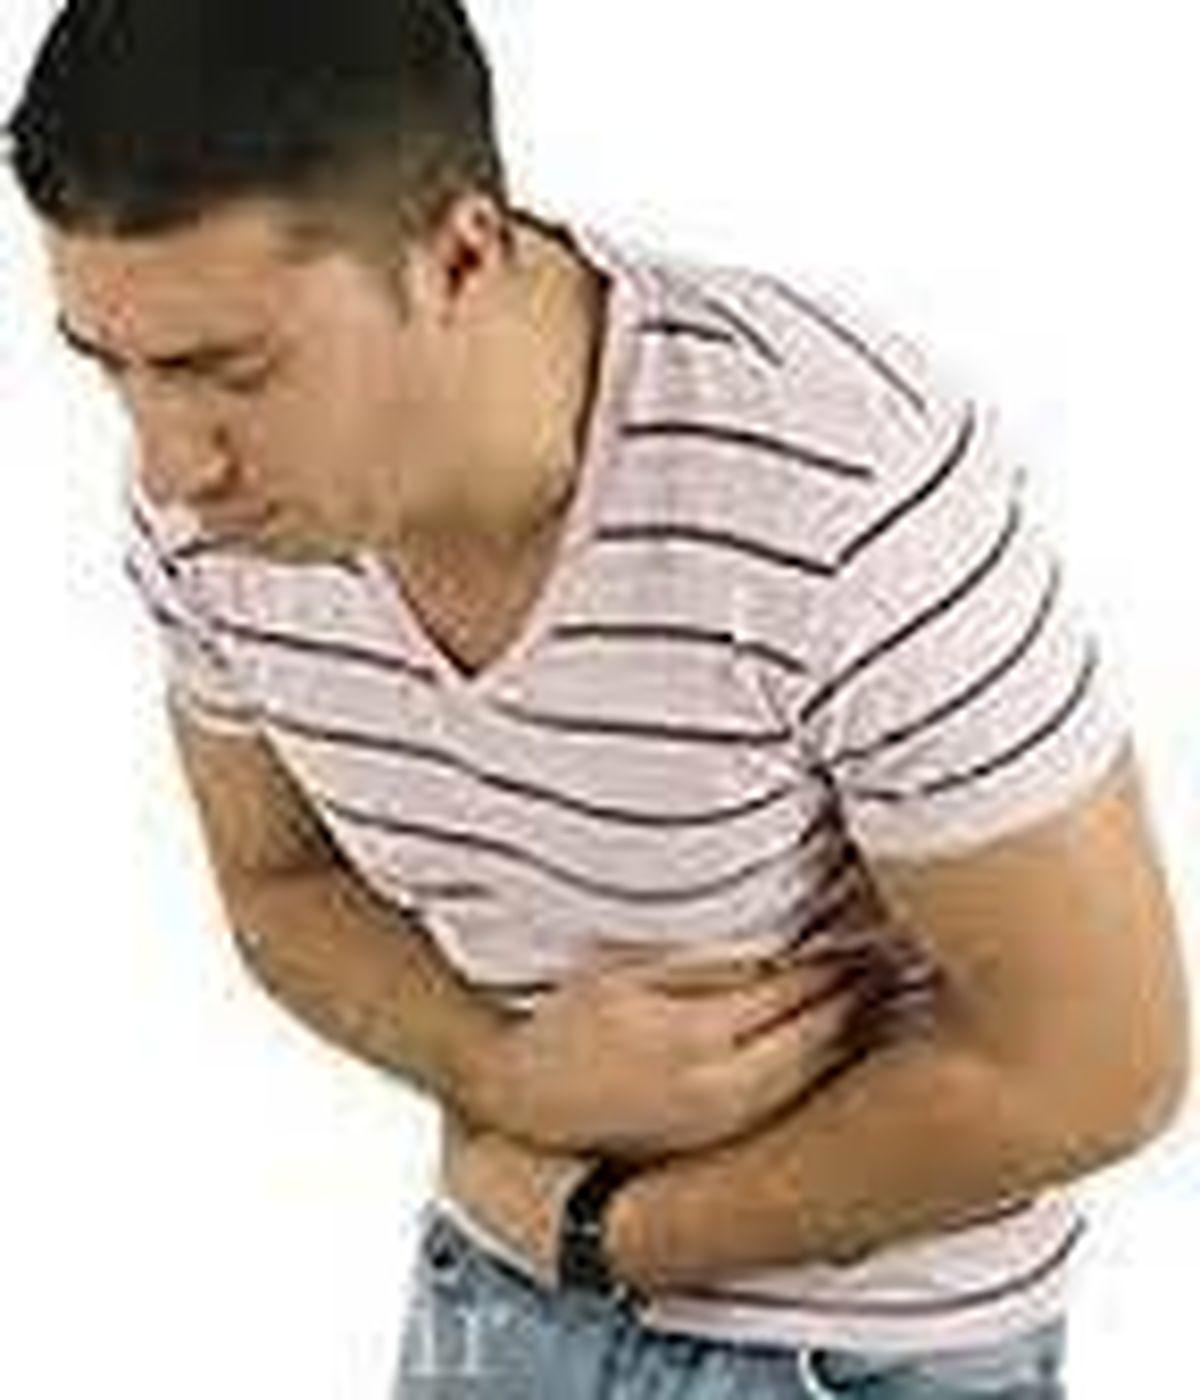 13 دردی که باید در ناحیه شکم جدی گرفت